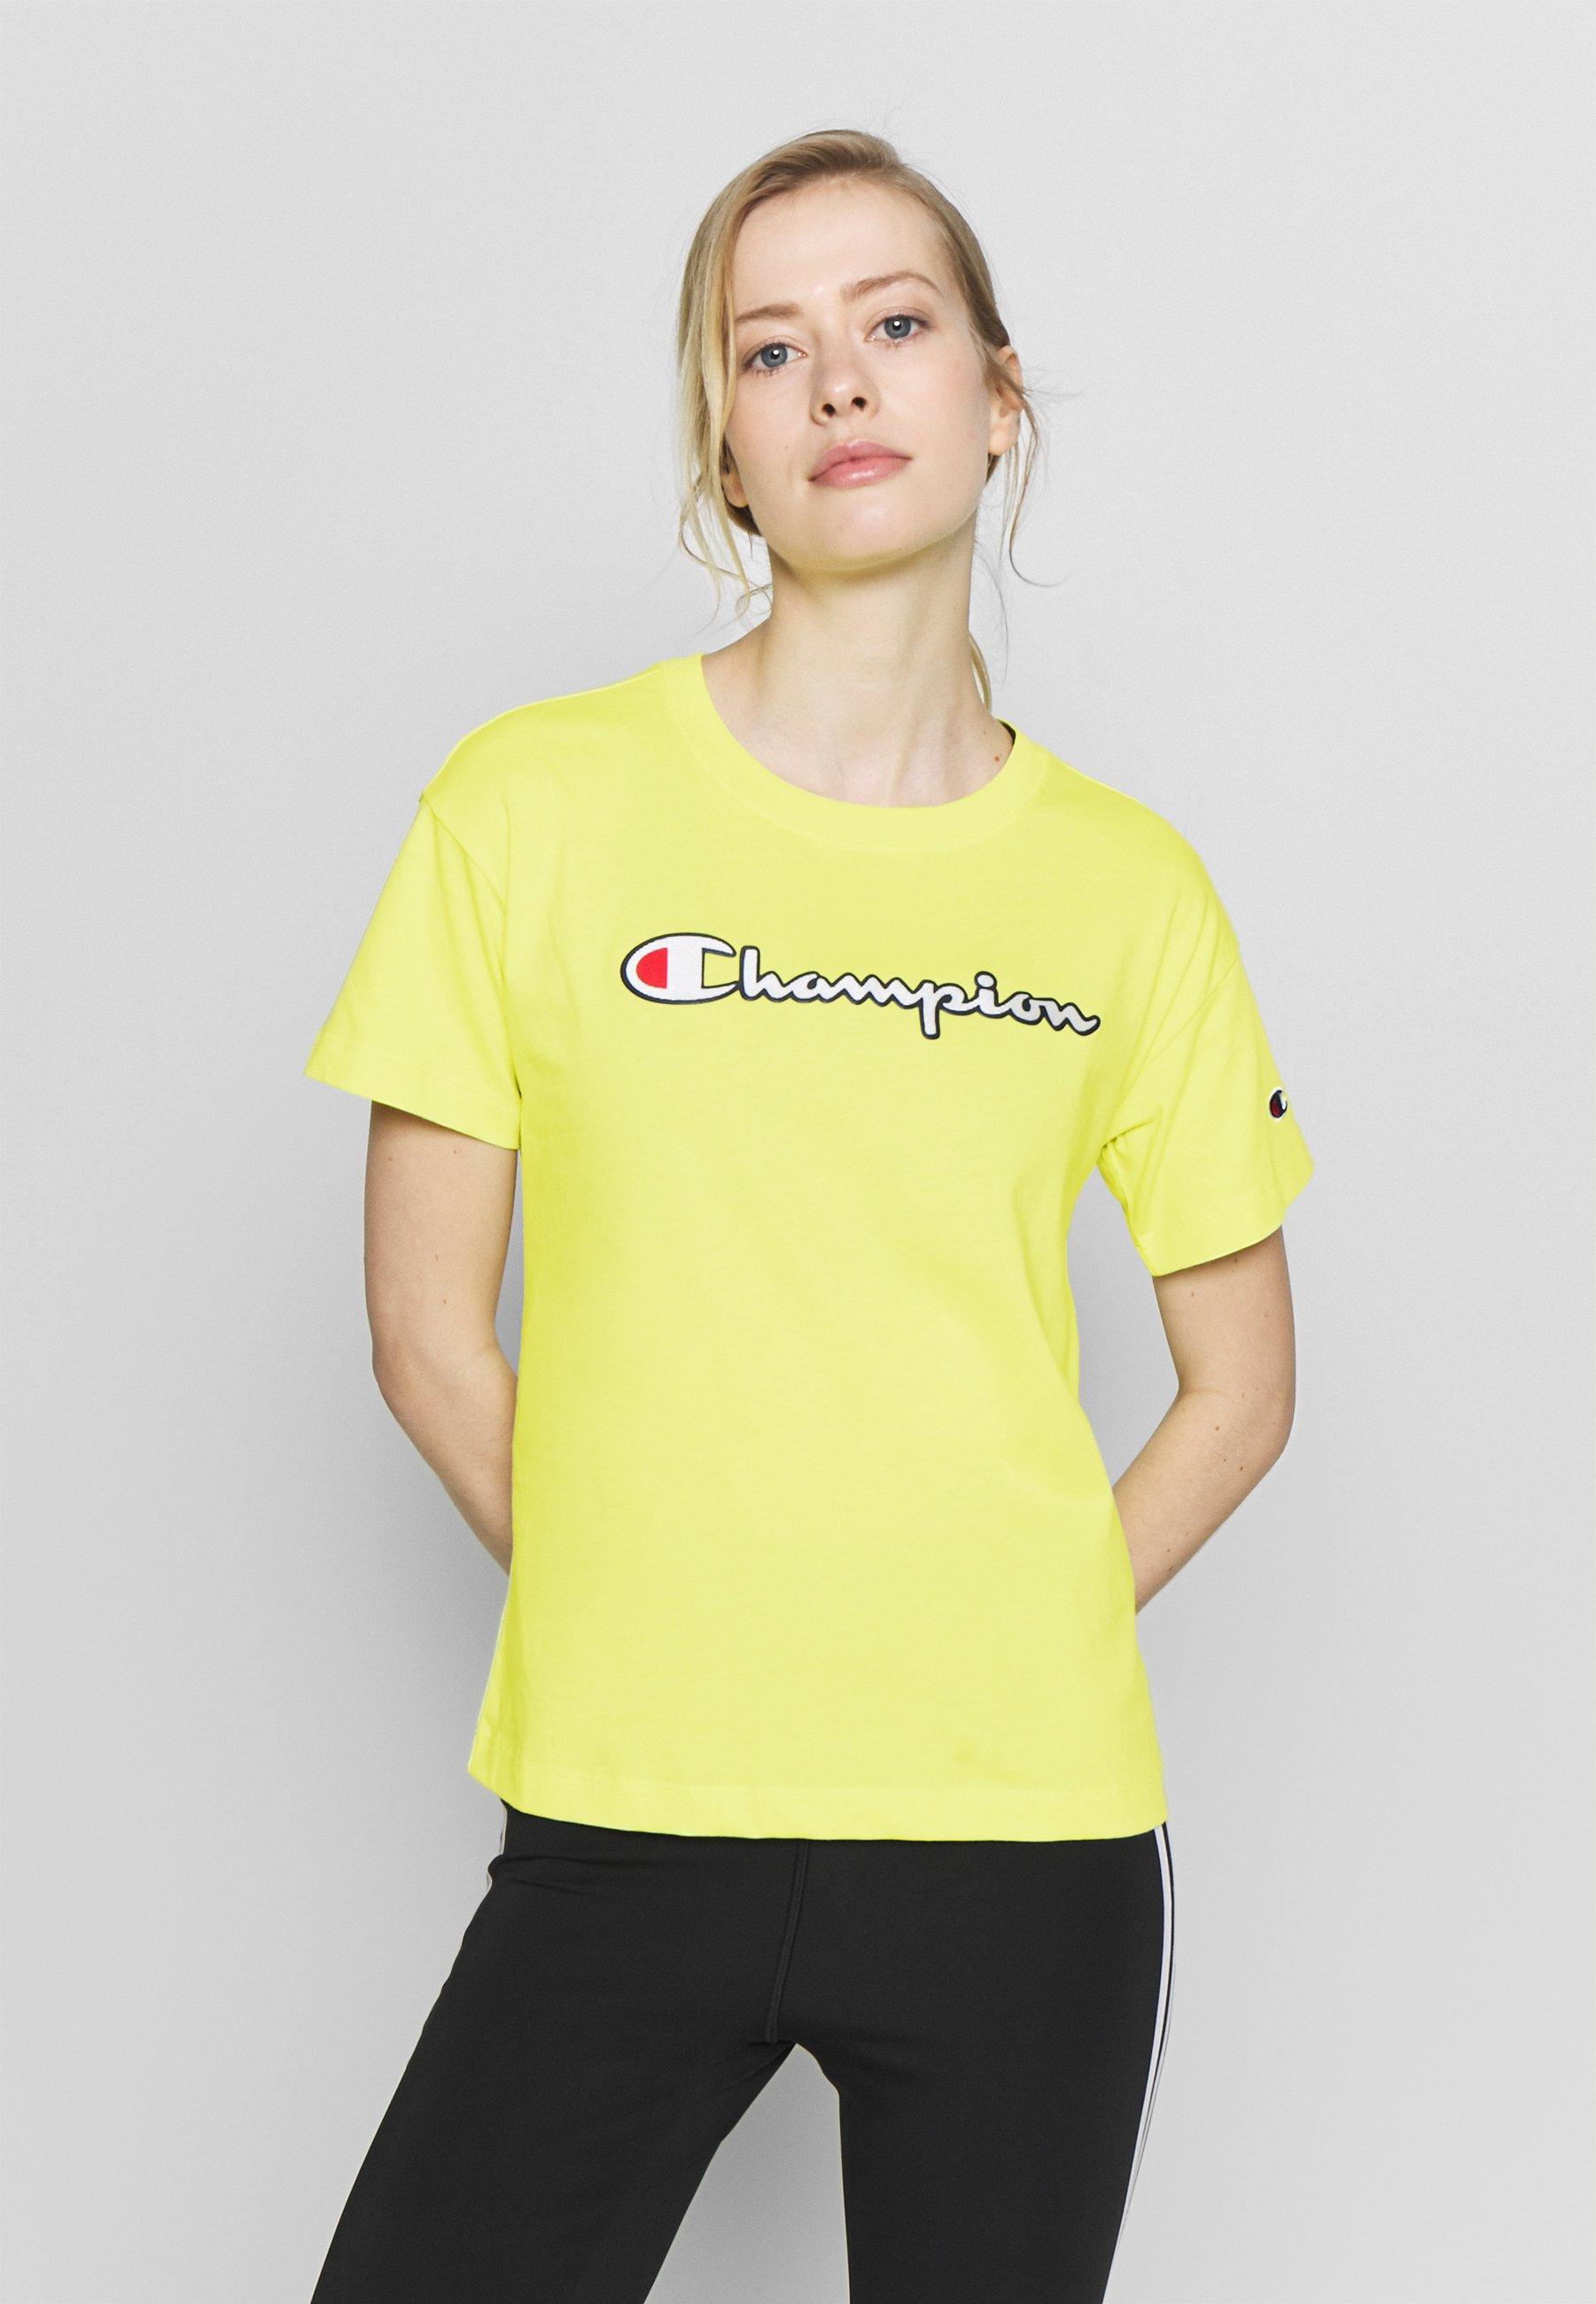 Reebok Activchill Tee T shirt Basic Damen Yellow Sport